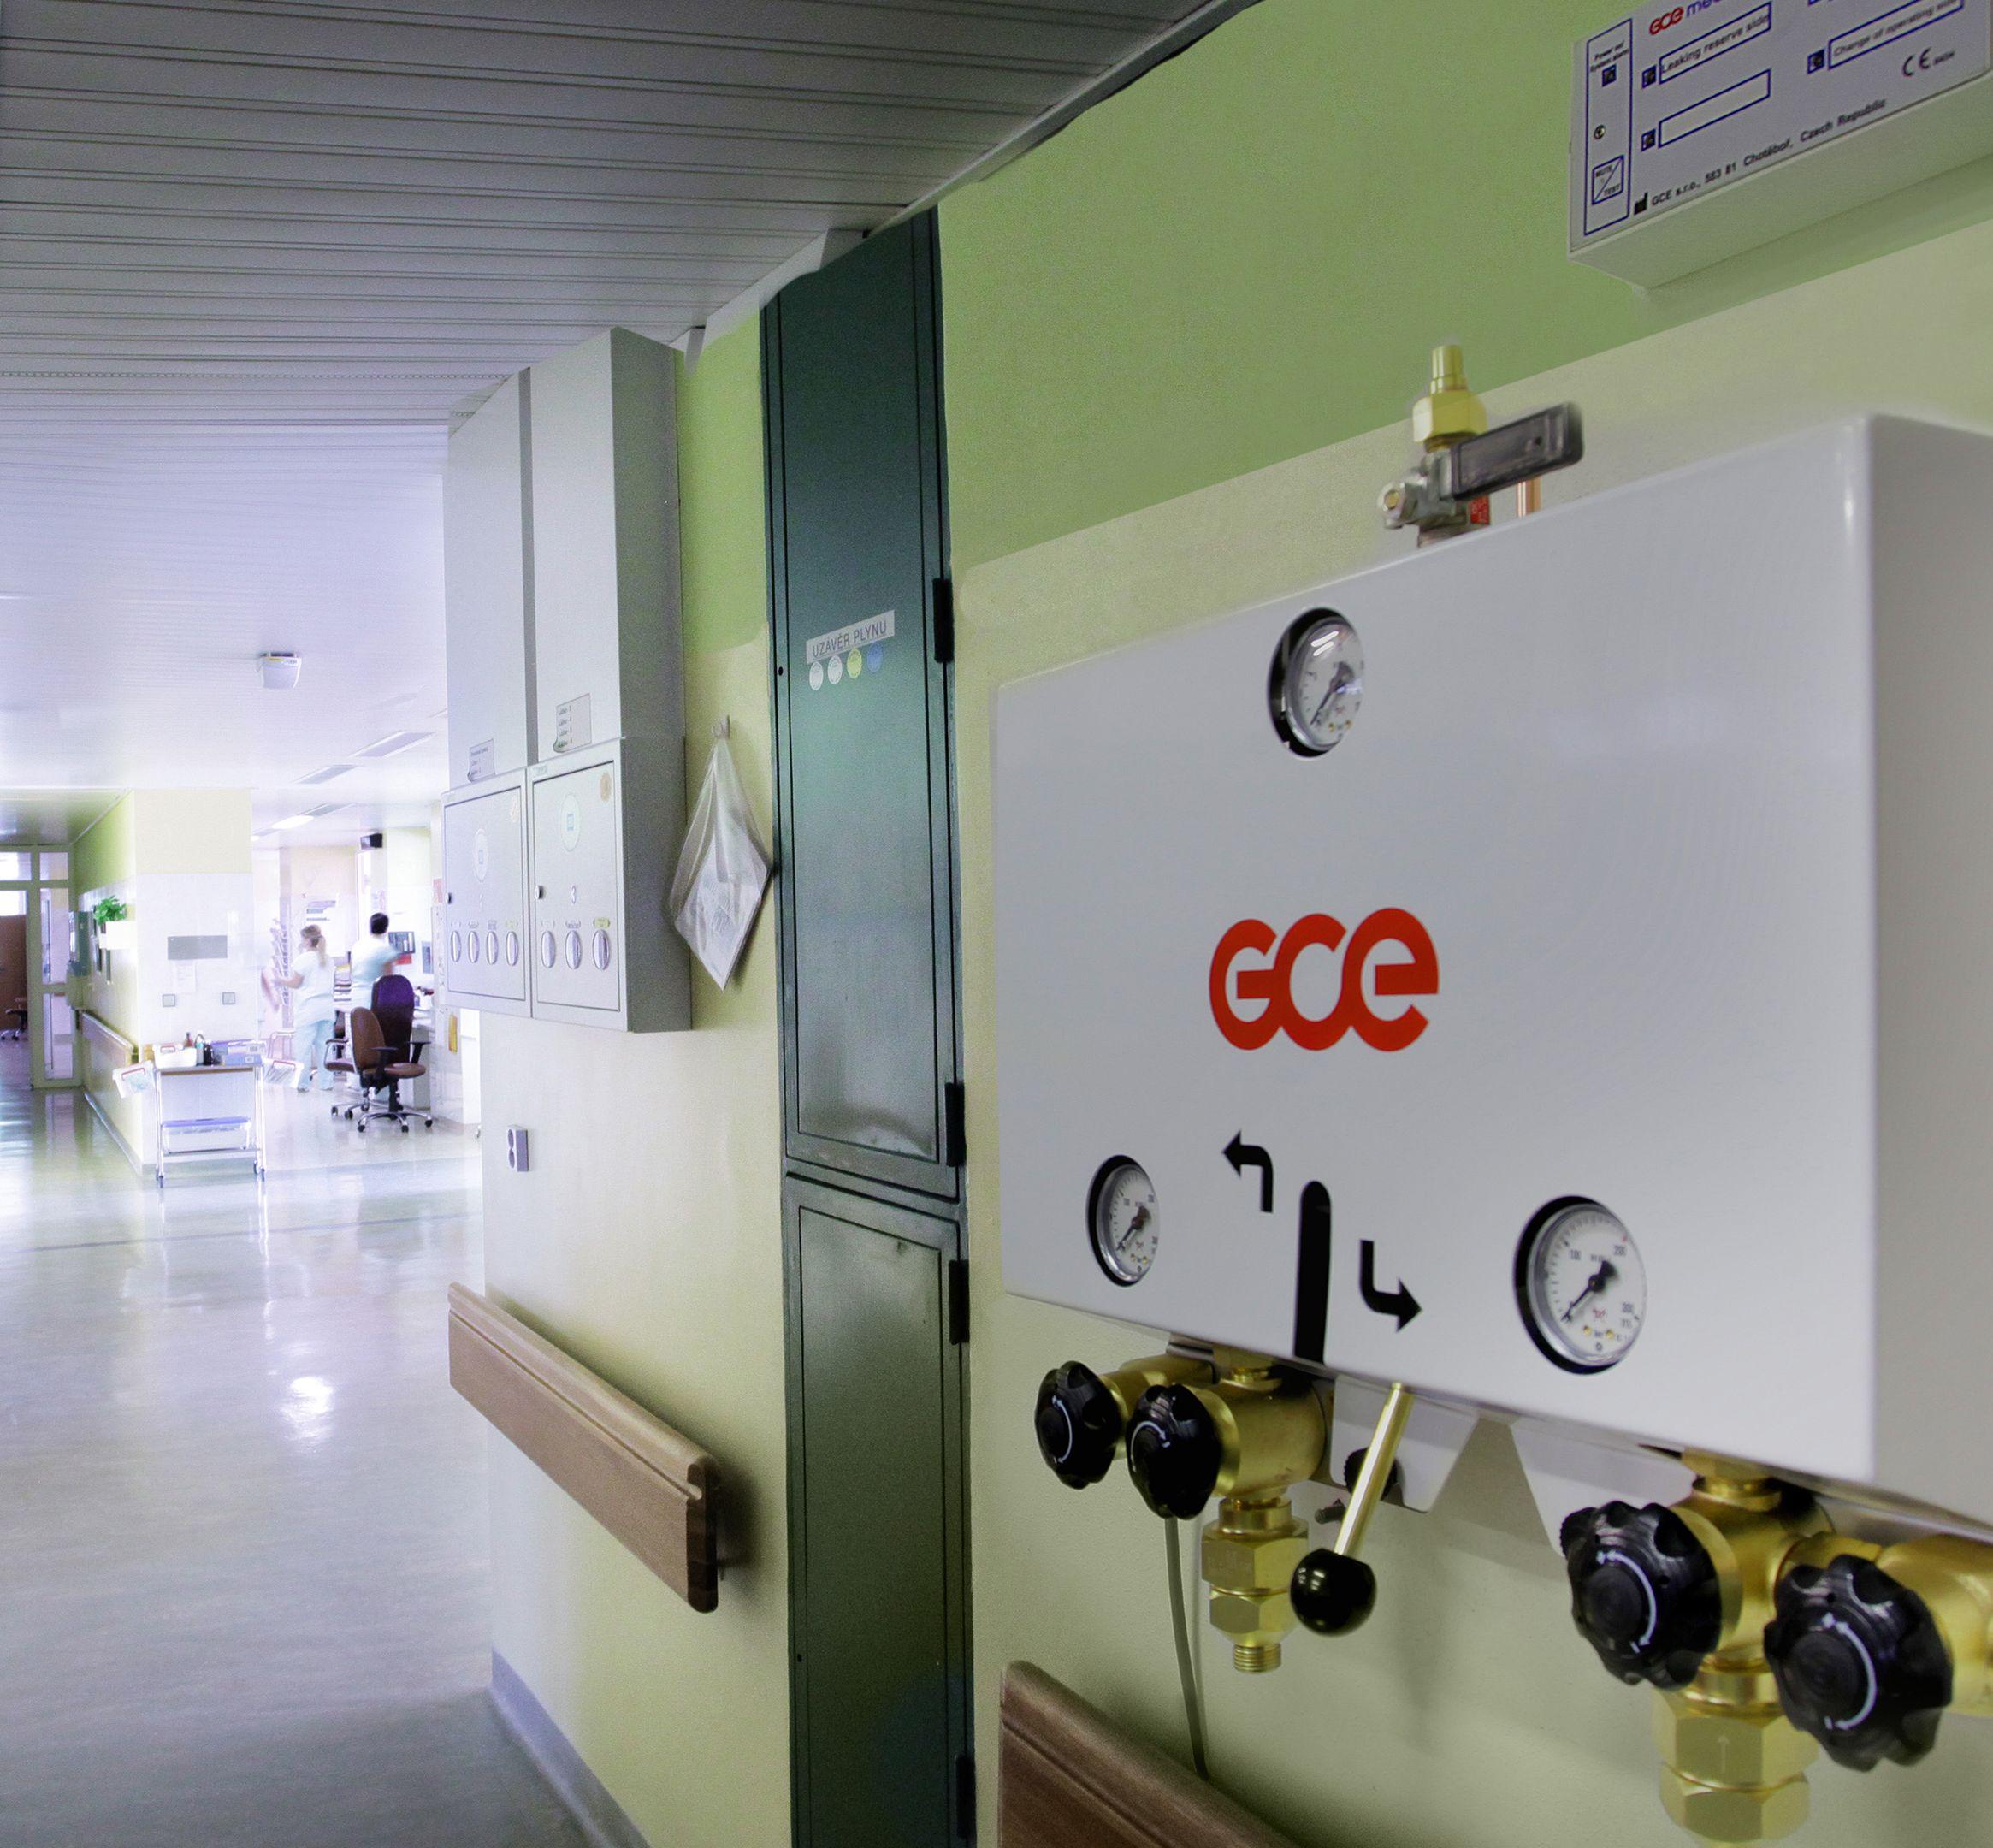 Hospital Gas Distribution page image